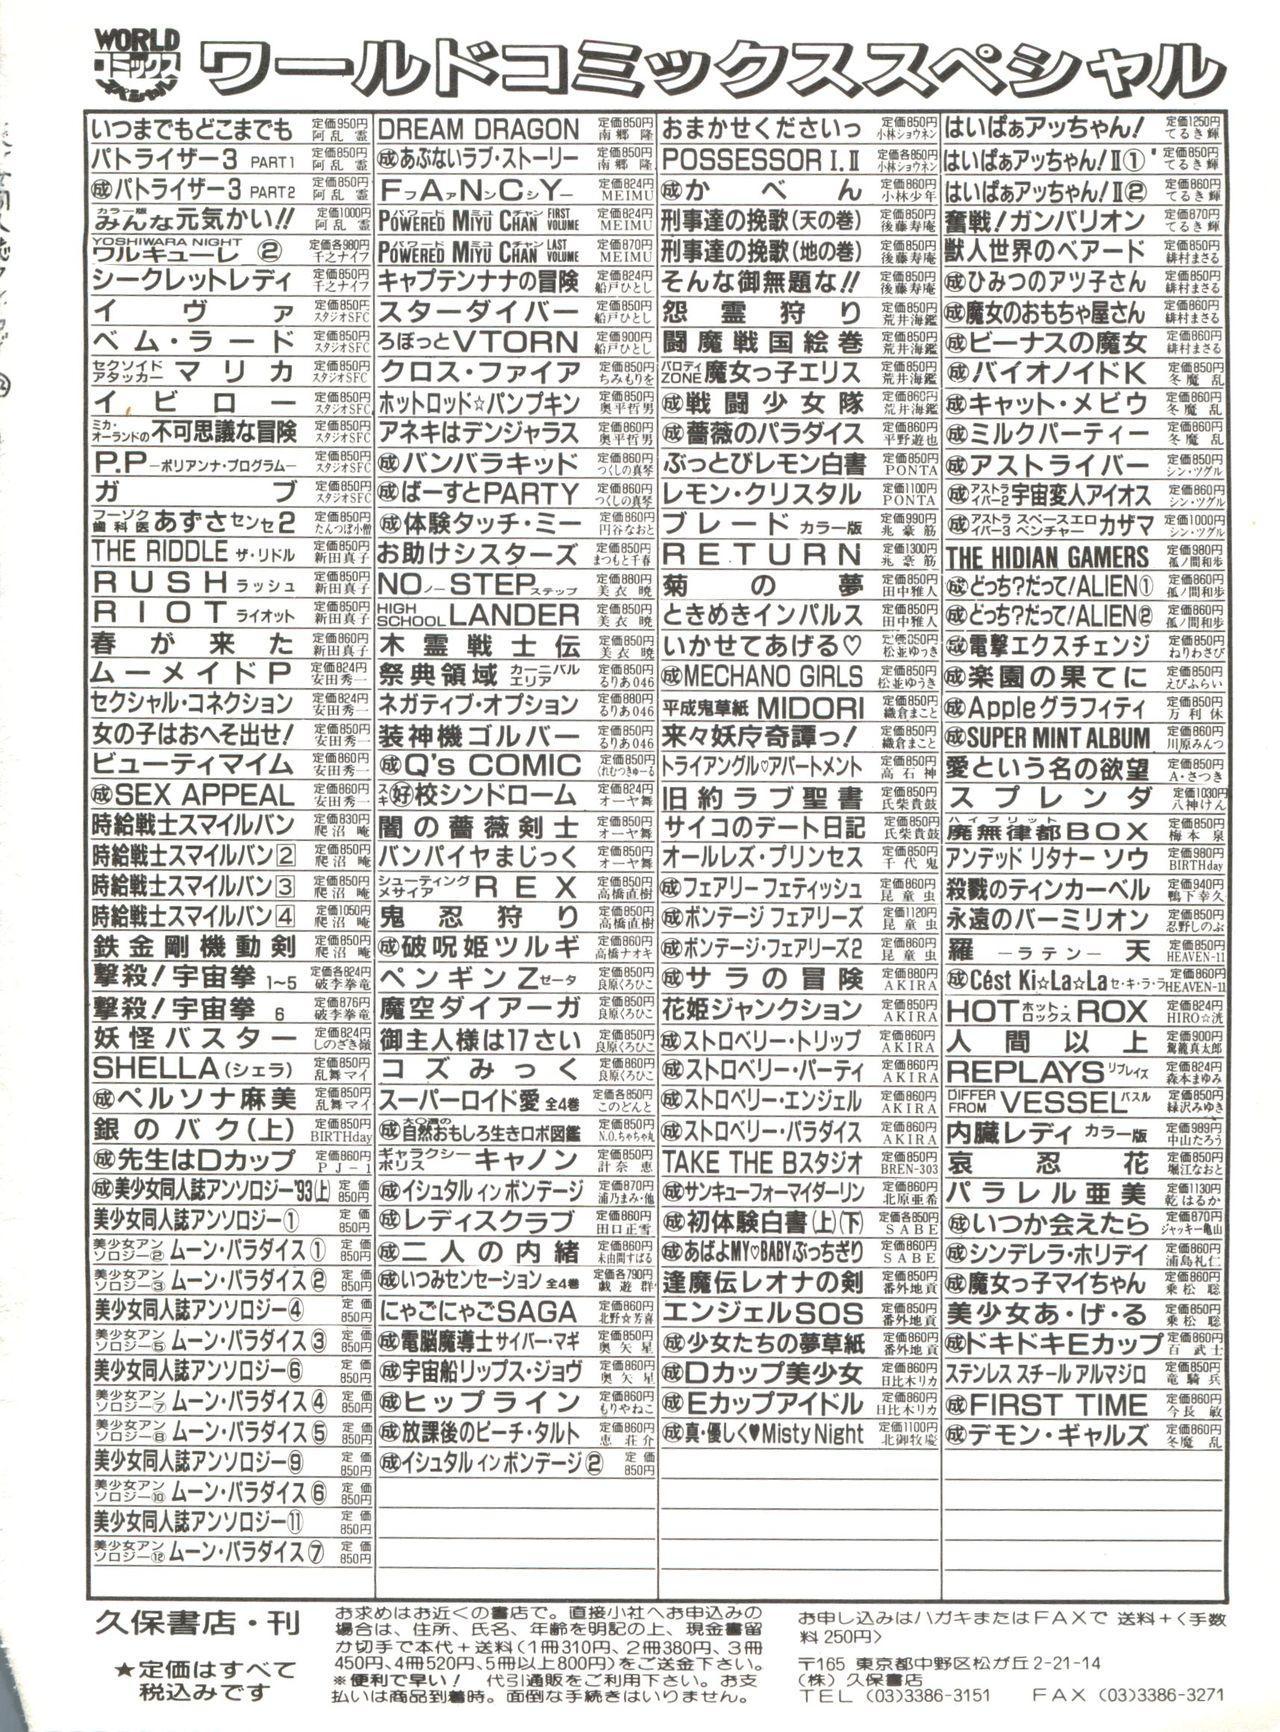 Bishoujo Doujinshi Anthology 12 - Moon Paradise 7 Tsuki no Rakuen 148